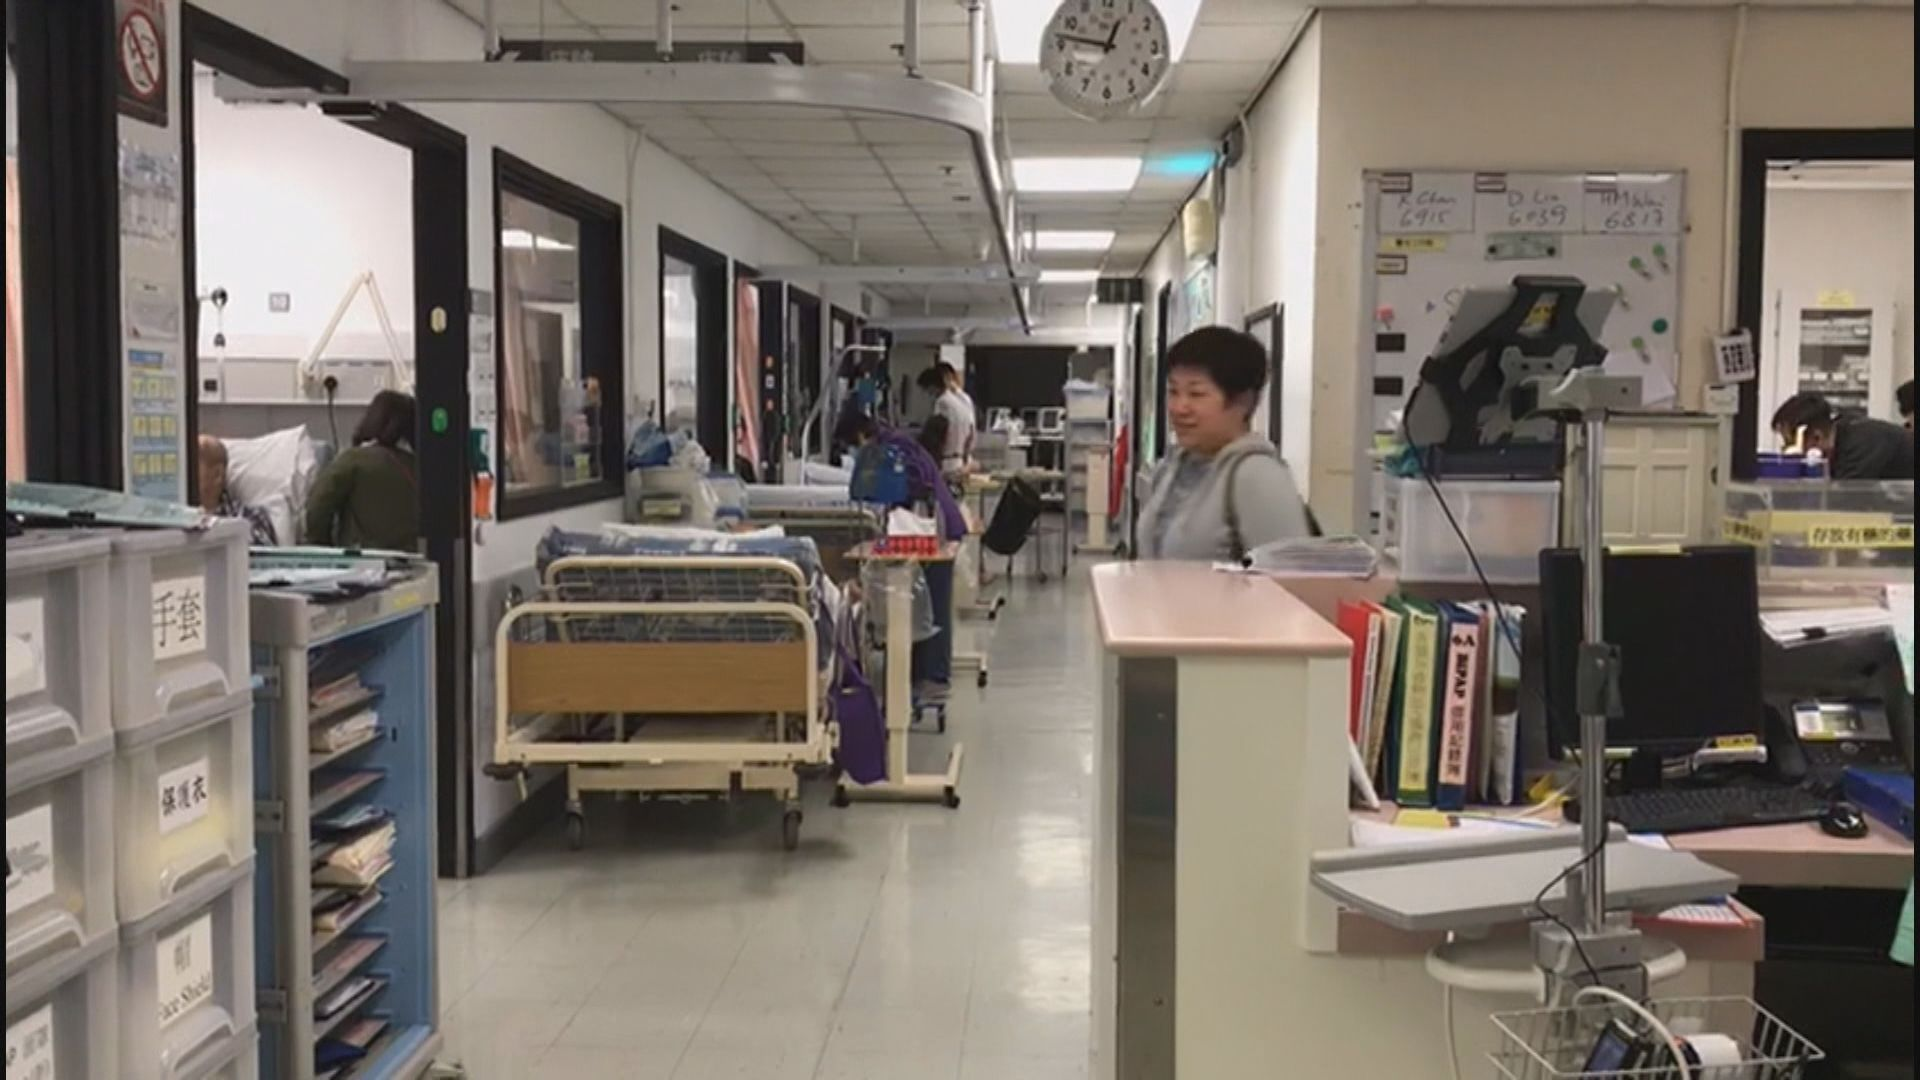 內科醫生:短期病床納入整體佔用率基數難反映實況